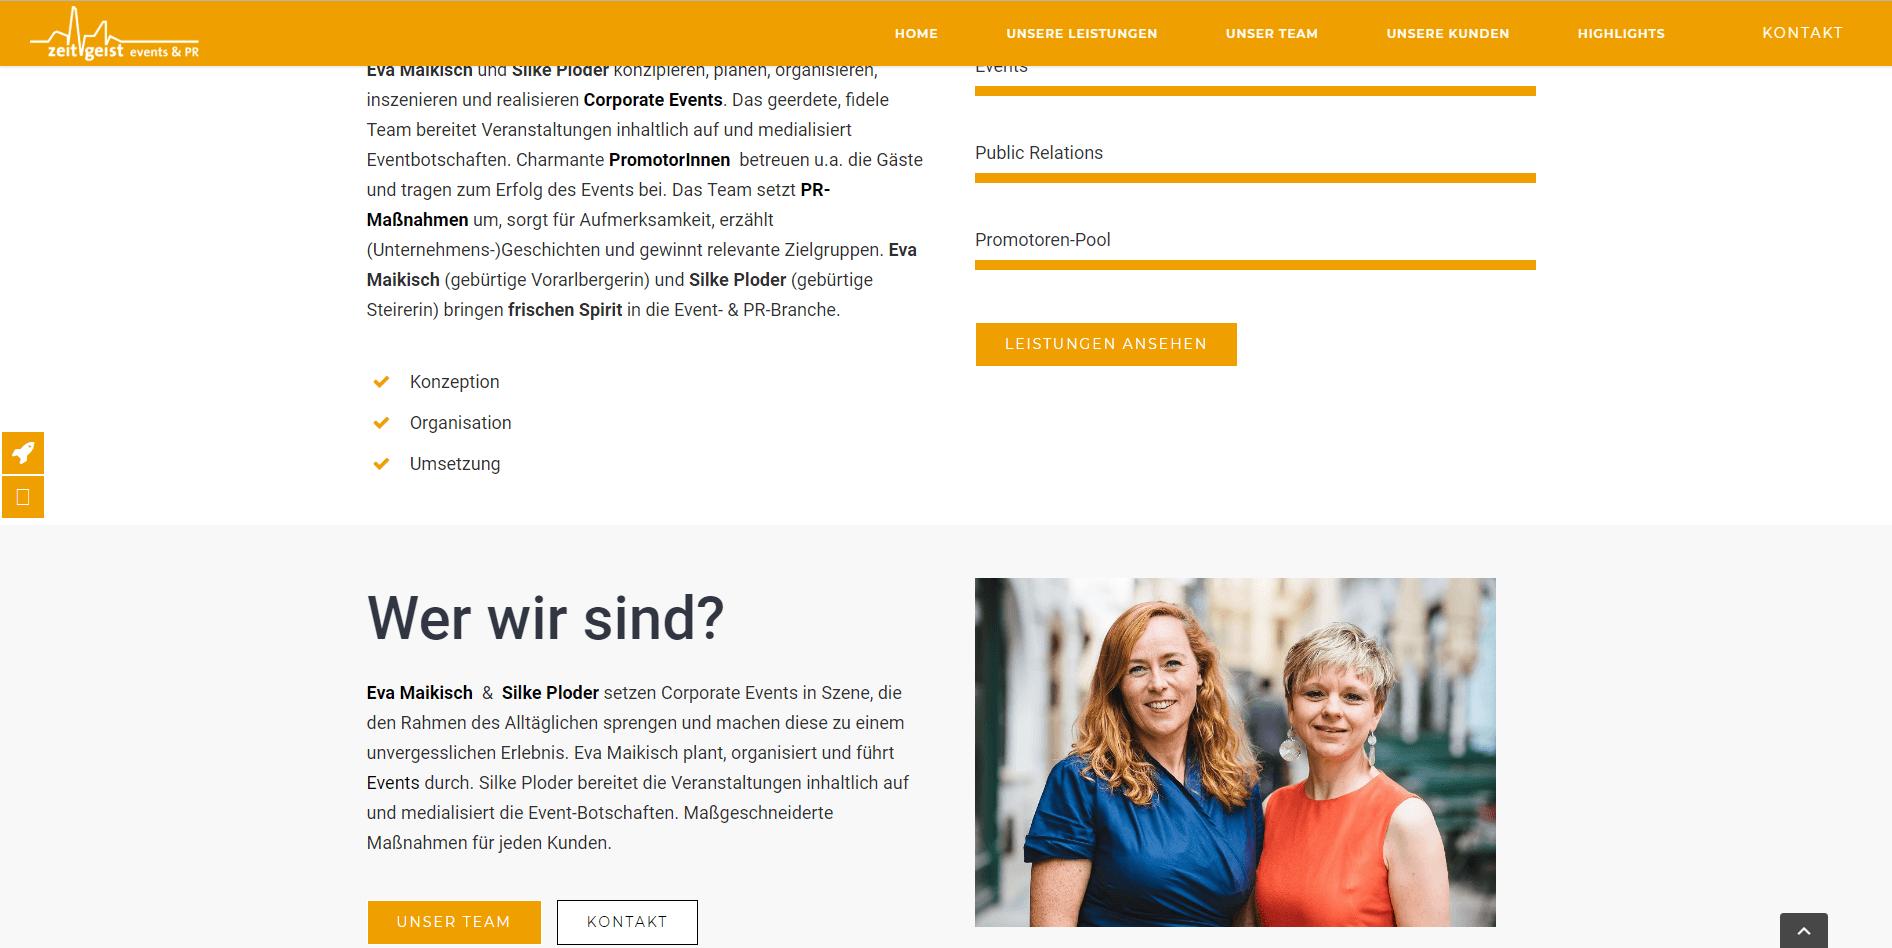 Webseiten Erstellung Zeitgeist Startseite - PKOM Webagentur Wien